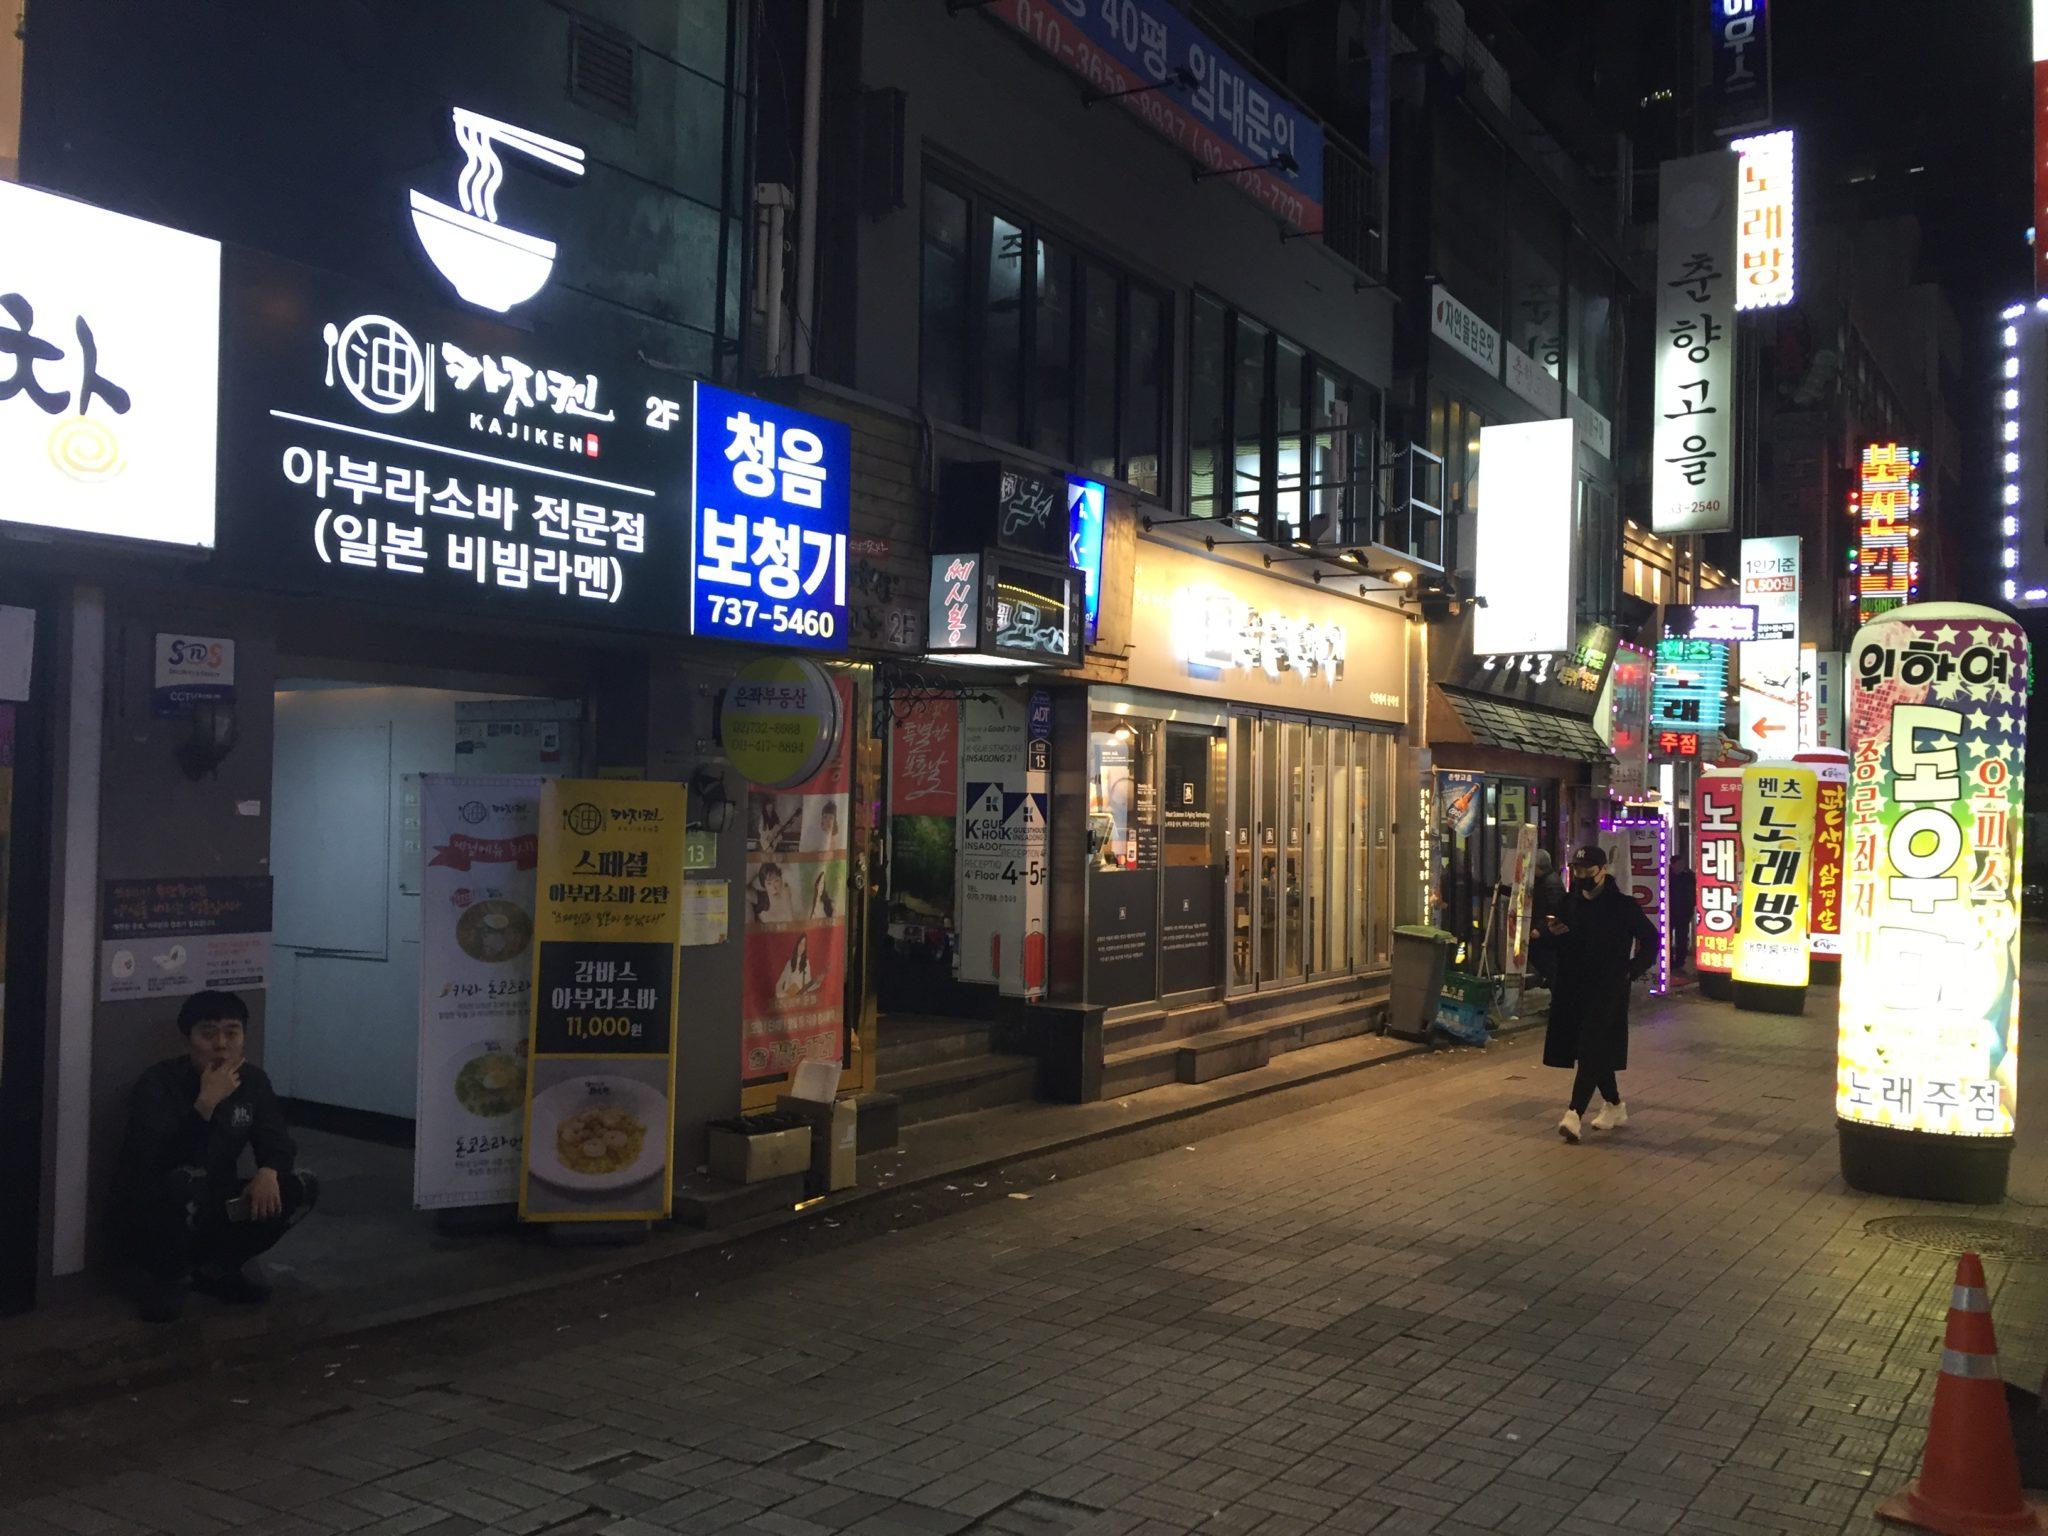 スッタルデジ(숙달돼지)、鐘閣(チョンガク)店